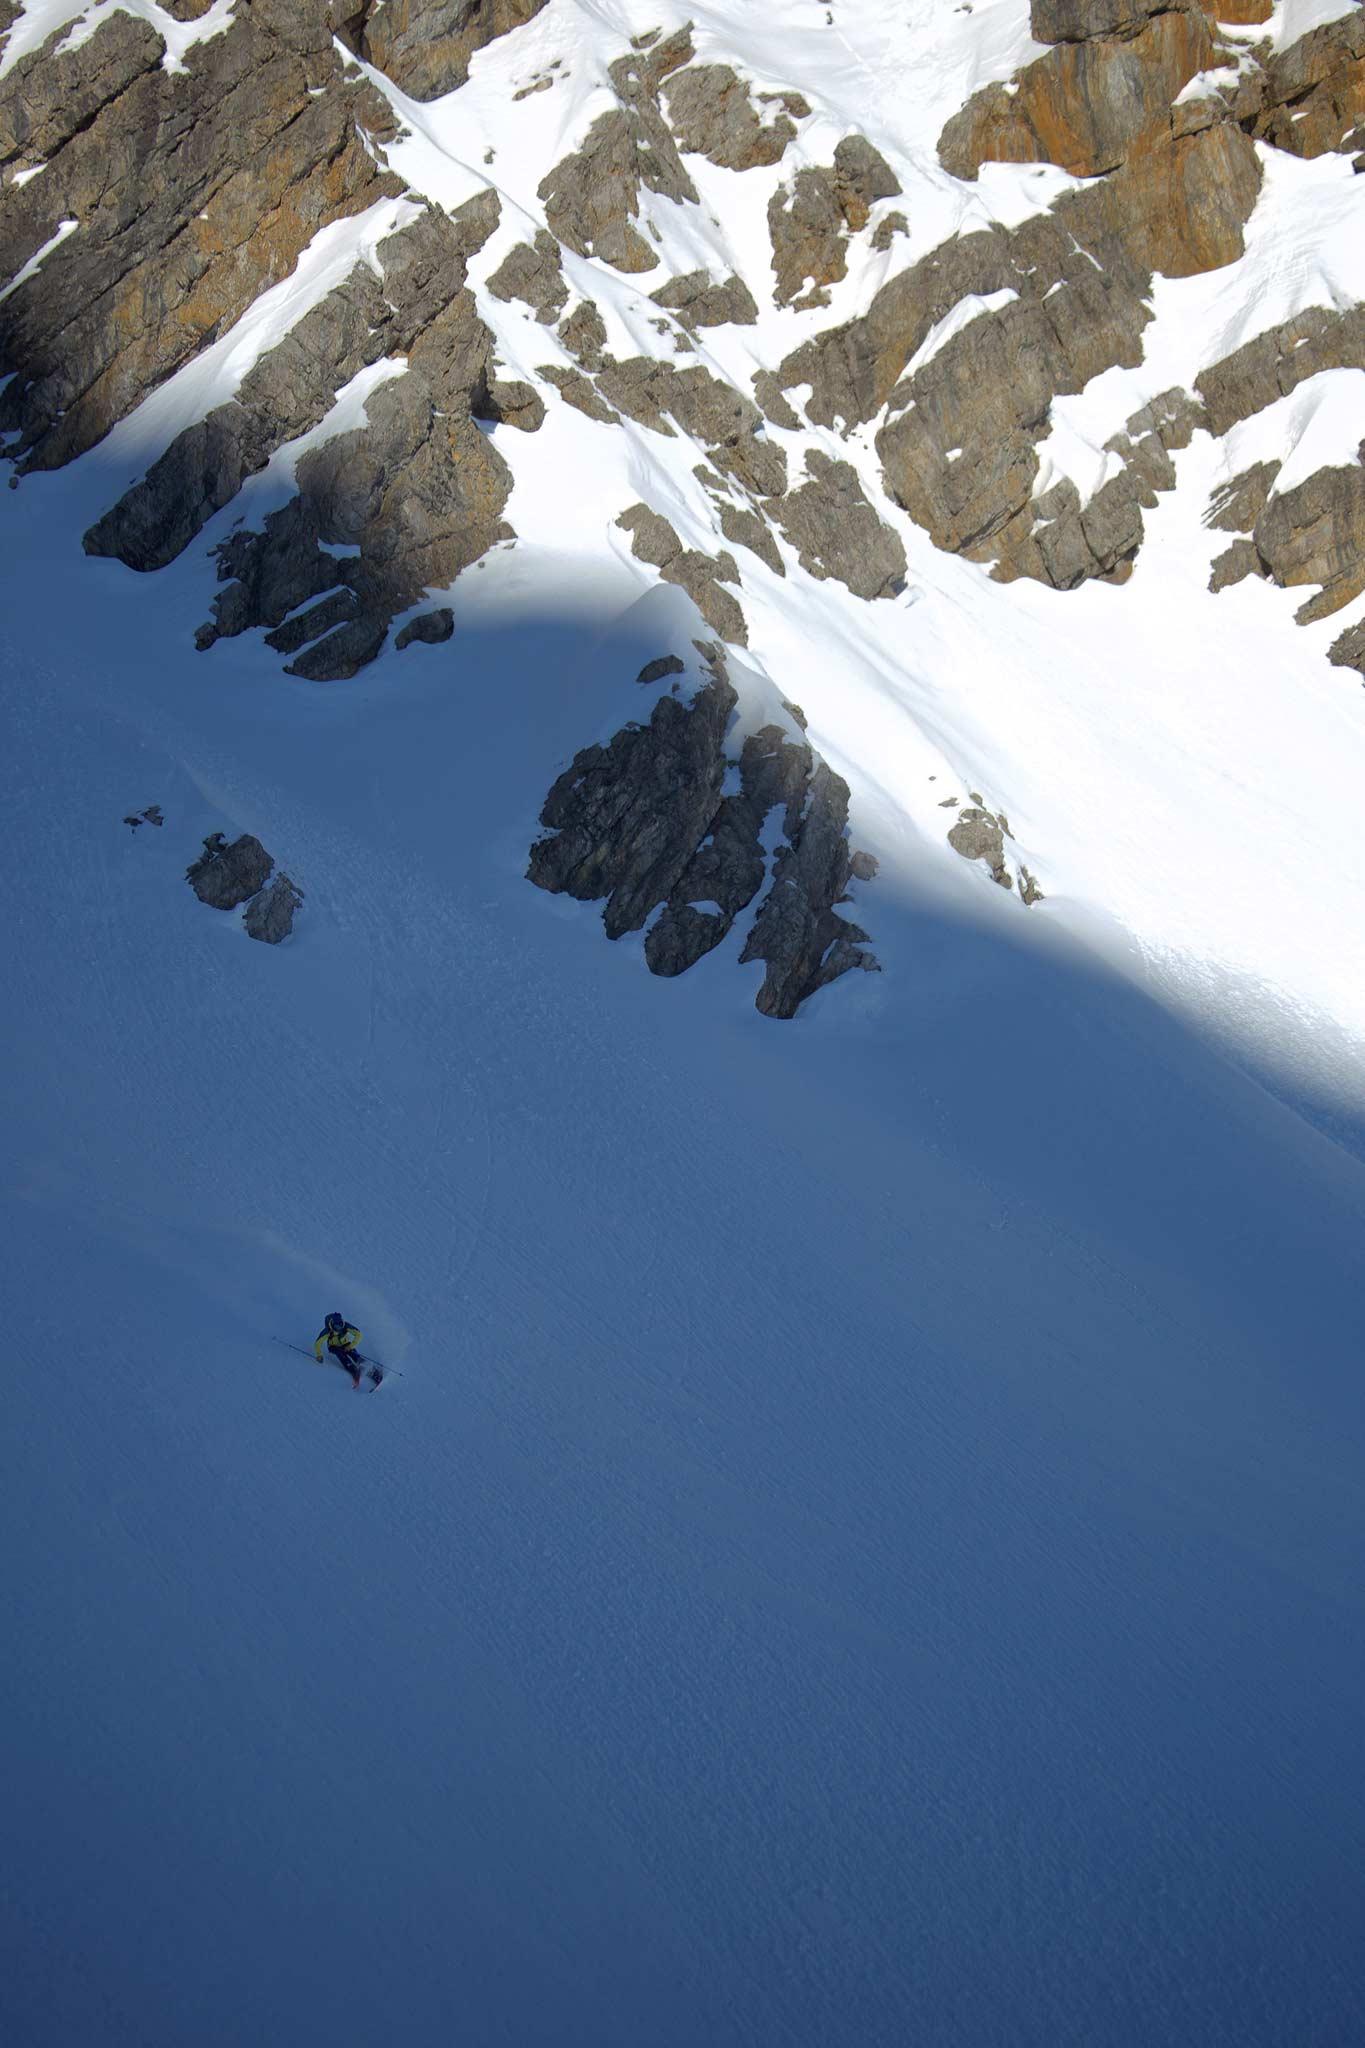 Das Thema Touring wird immer größer und Völkl bietet mit dem neuen Rise Beyond 96 2022 einen passenden Ski dafür an. - Foto: Ma.Fia.Photography